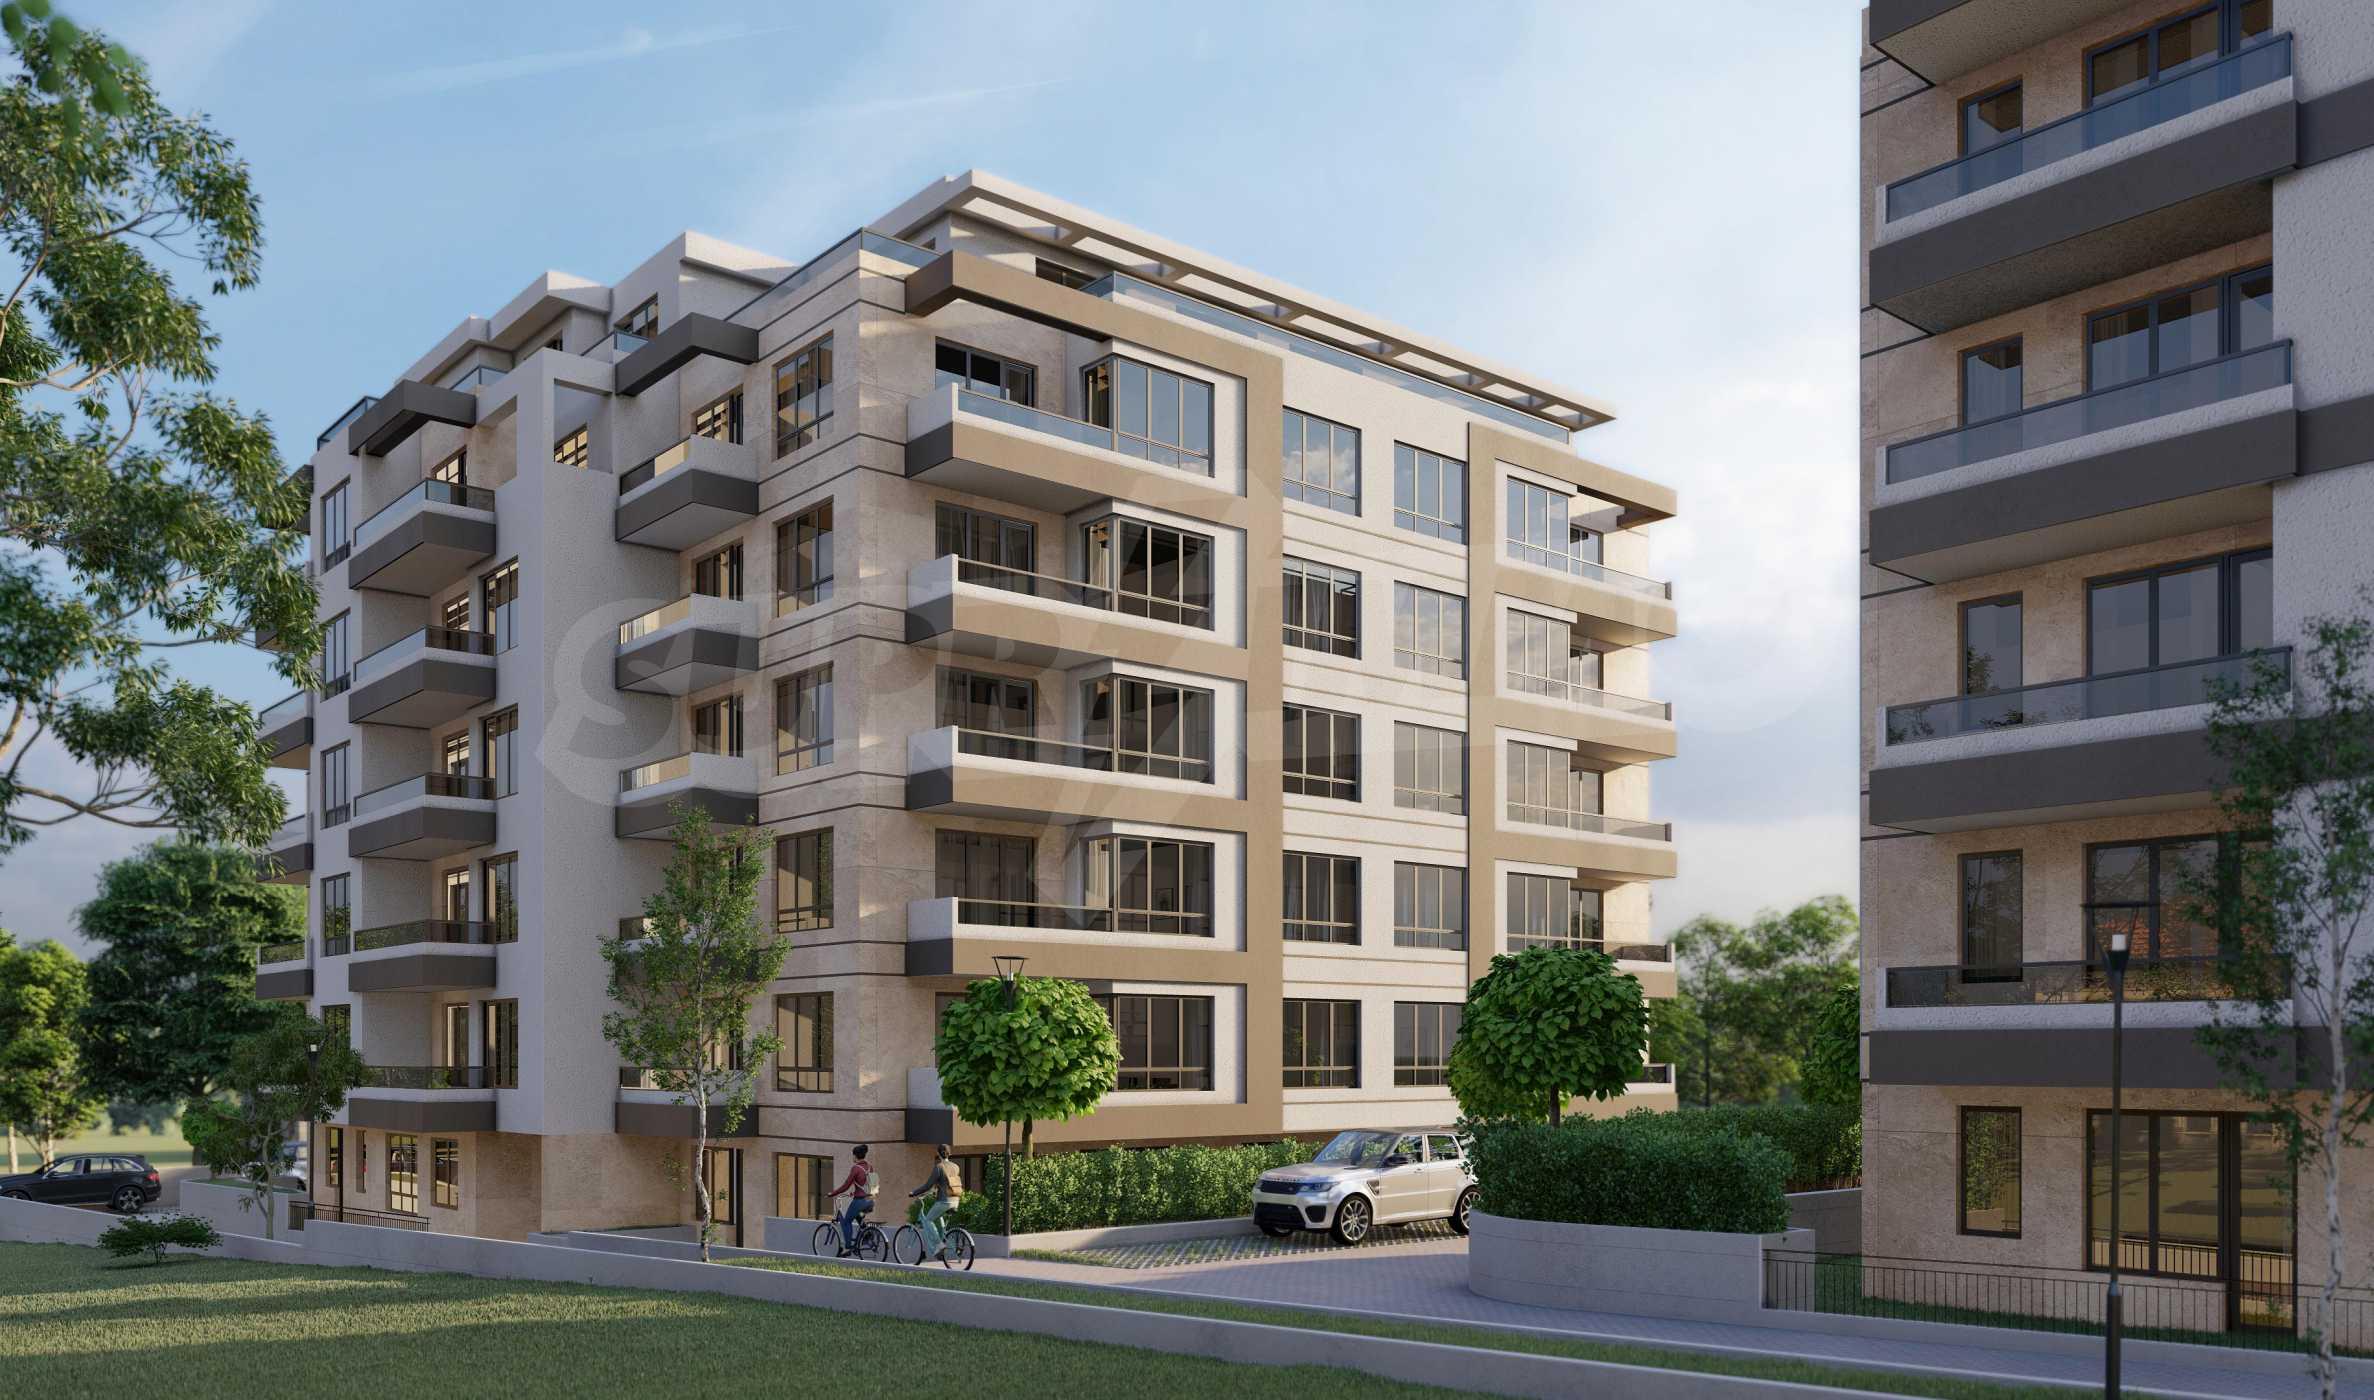 Привлекательная недвижимость в новом комплексе рядом с торговым центром Paradise и станцией метро 8